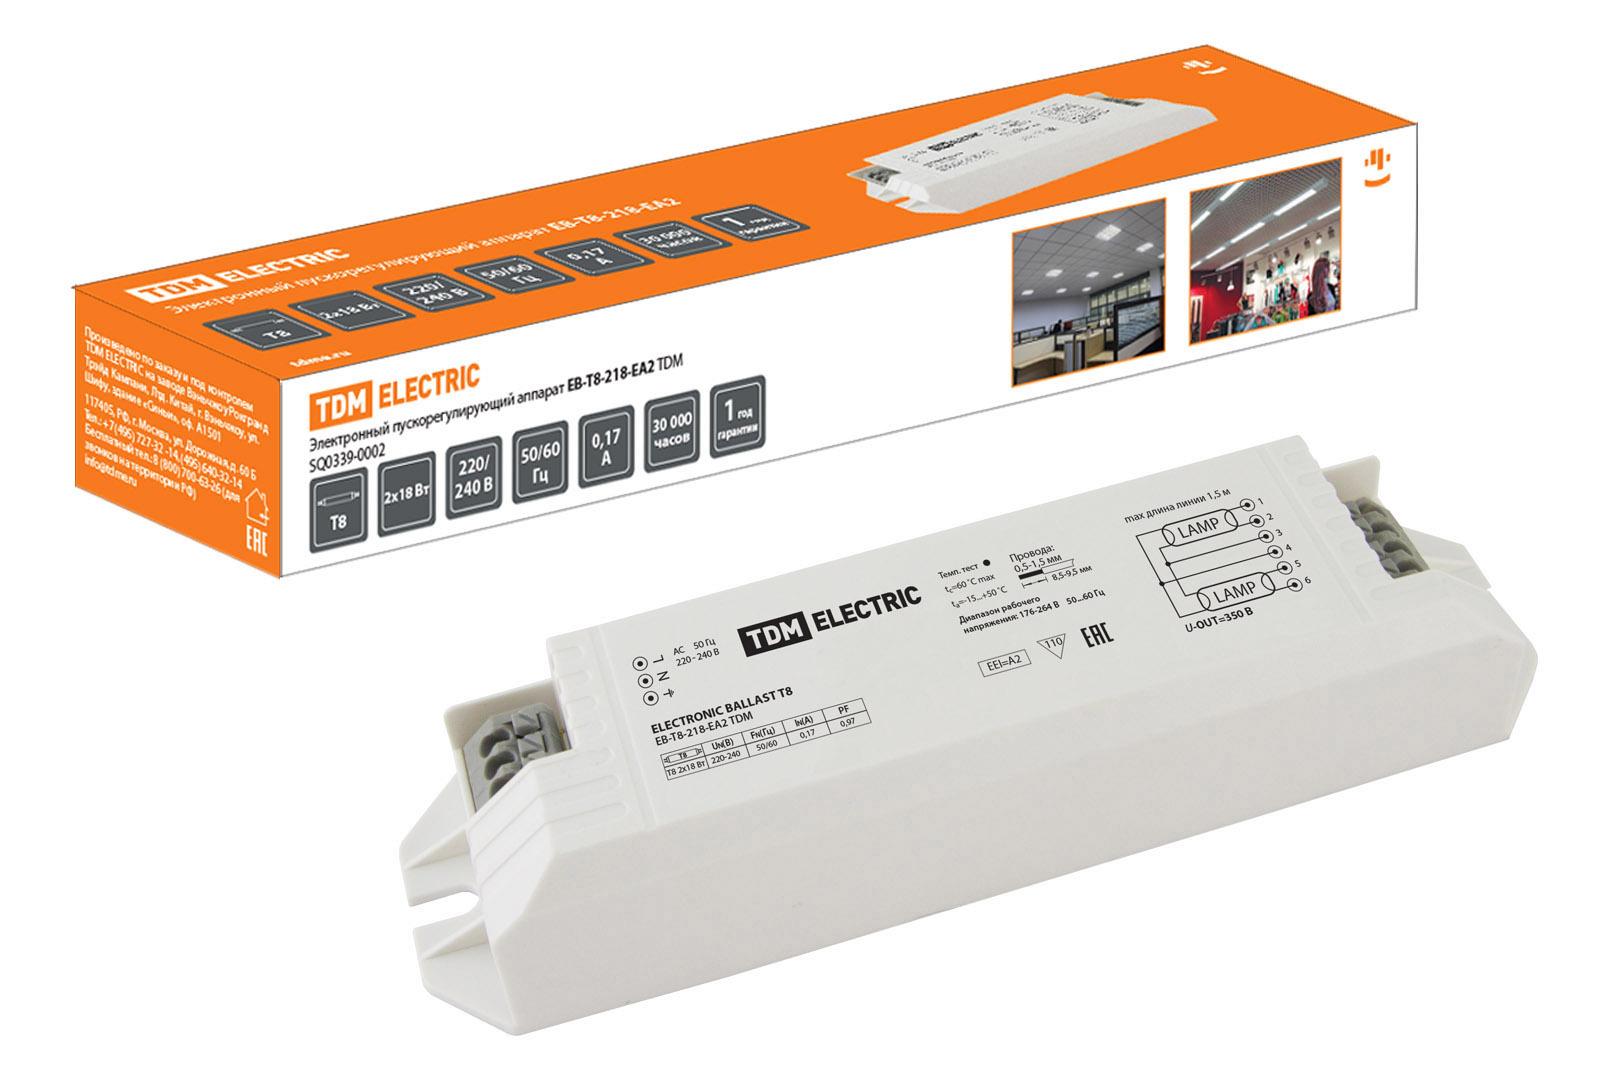 ЭПРА ТДМАксессуары для электромонтажа<br>Тип аксессуара: ЭПРА,<br>Степень защиты от пыли и влаги: IP 20,<br>Максимальная подключаемая мощность: 18<br>